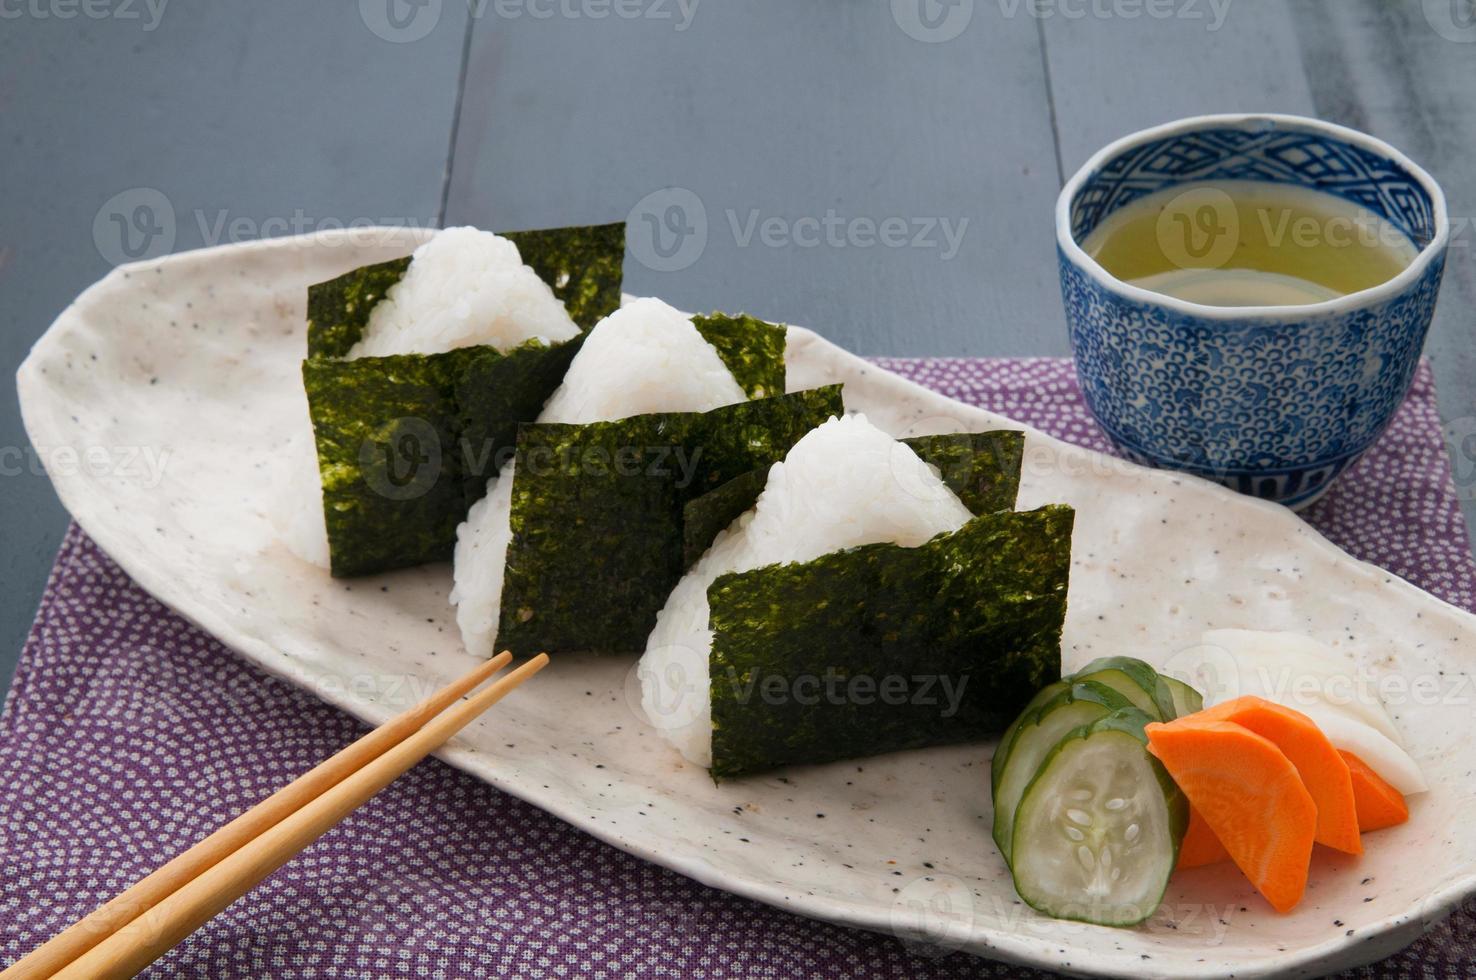 giapponese, cucina, onigiri foto